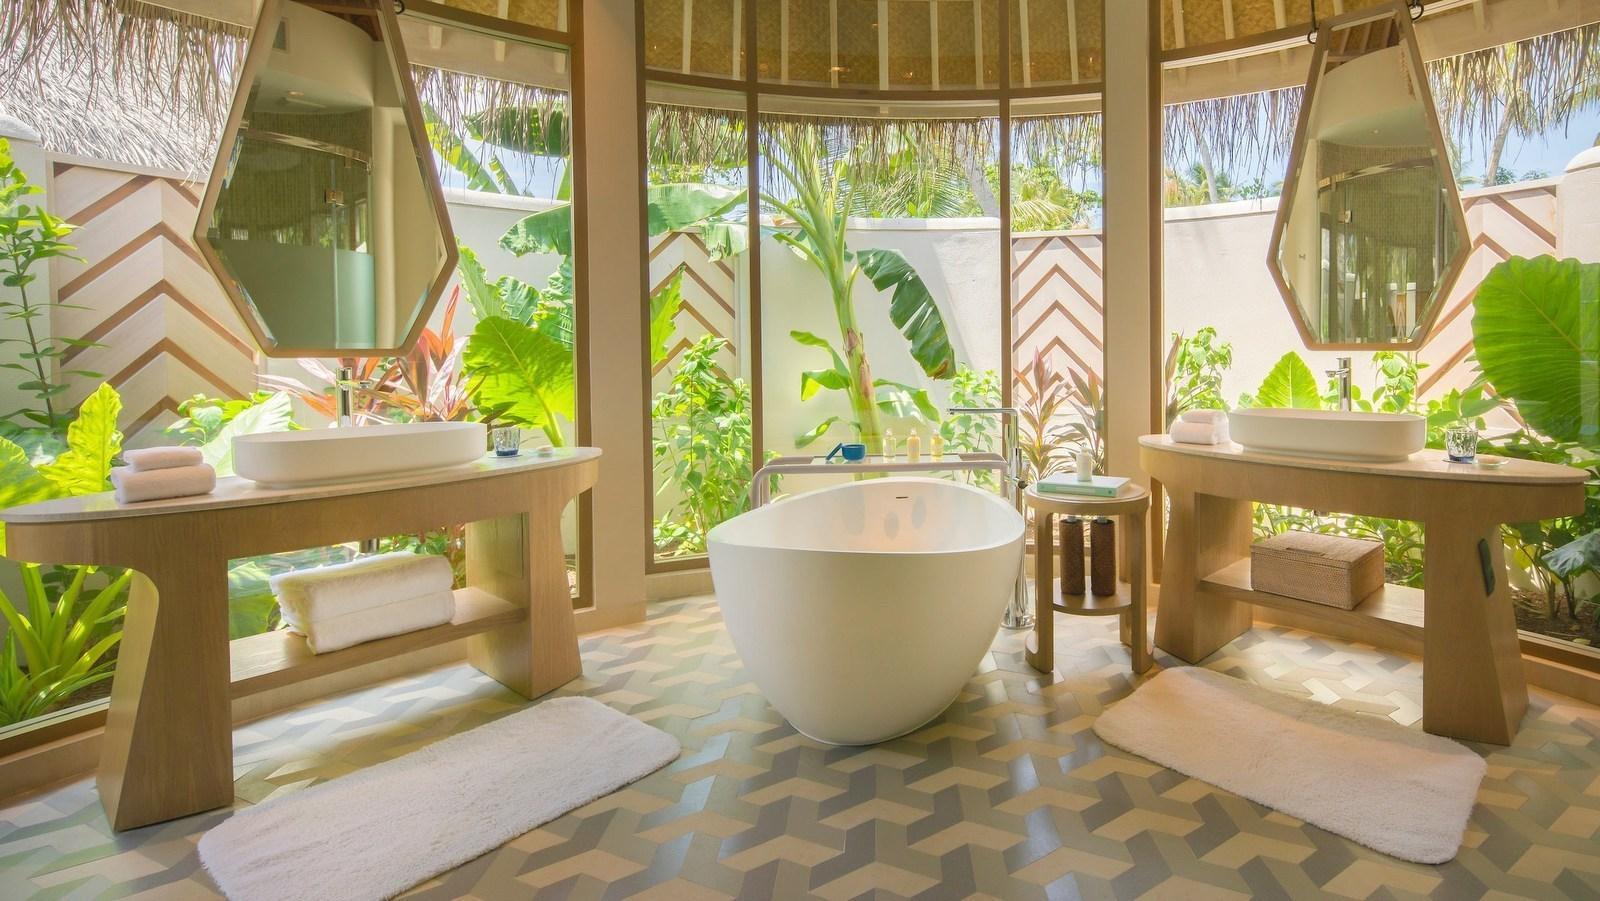 Мальдивы, отель The Nautilus Maldives, номер Beach House